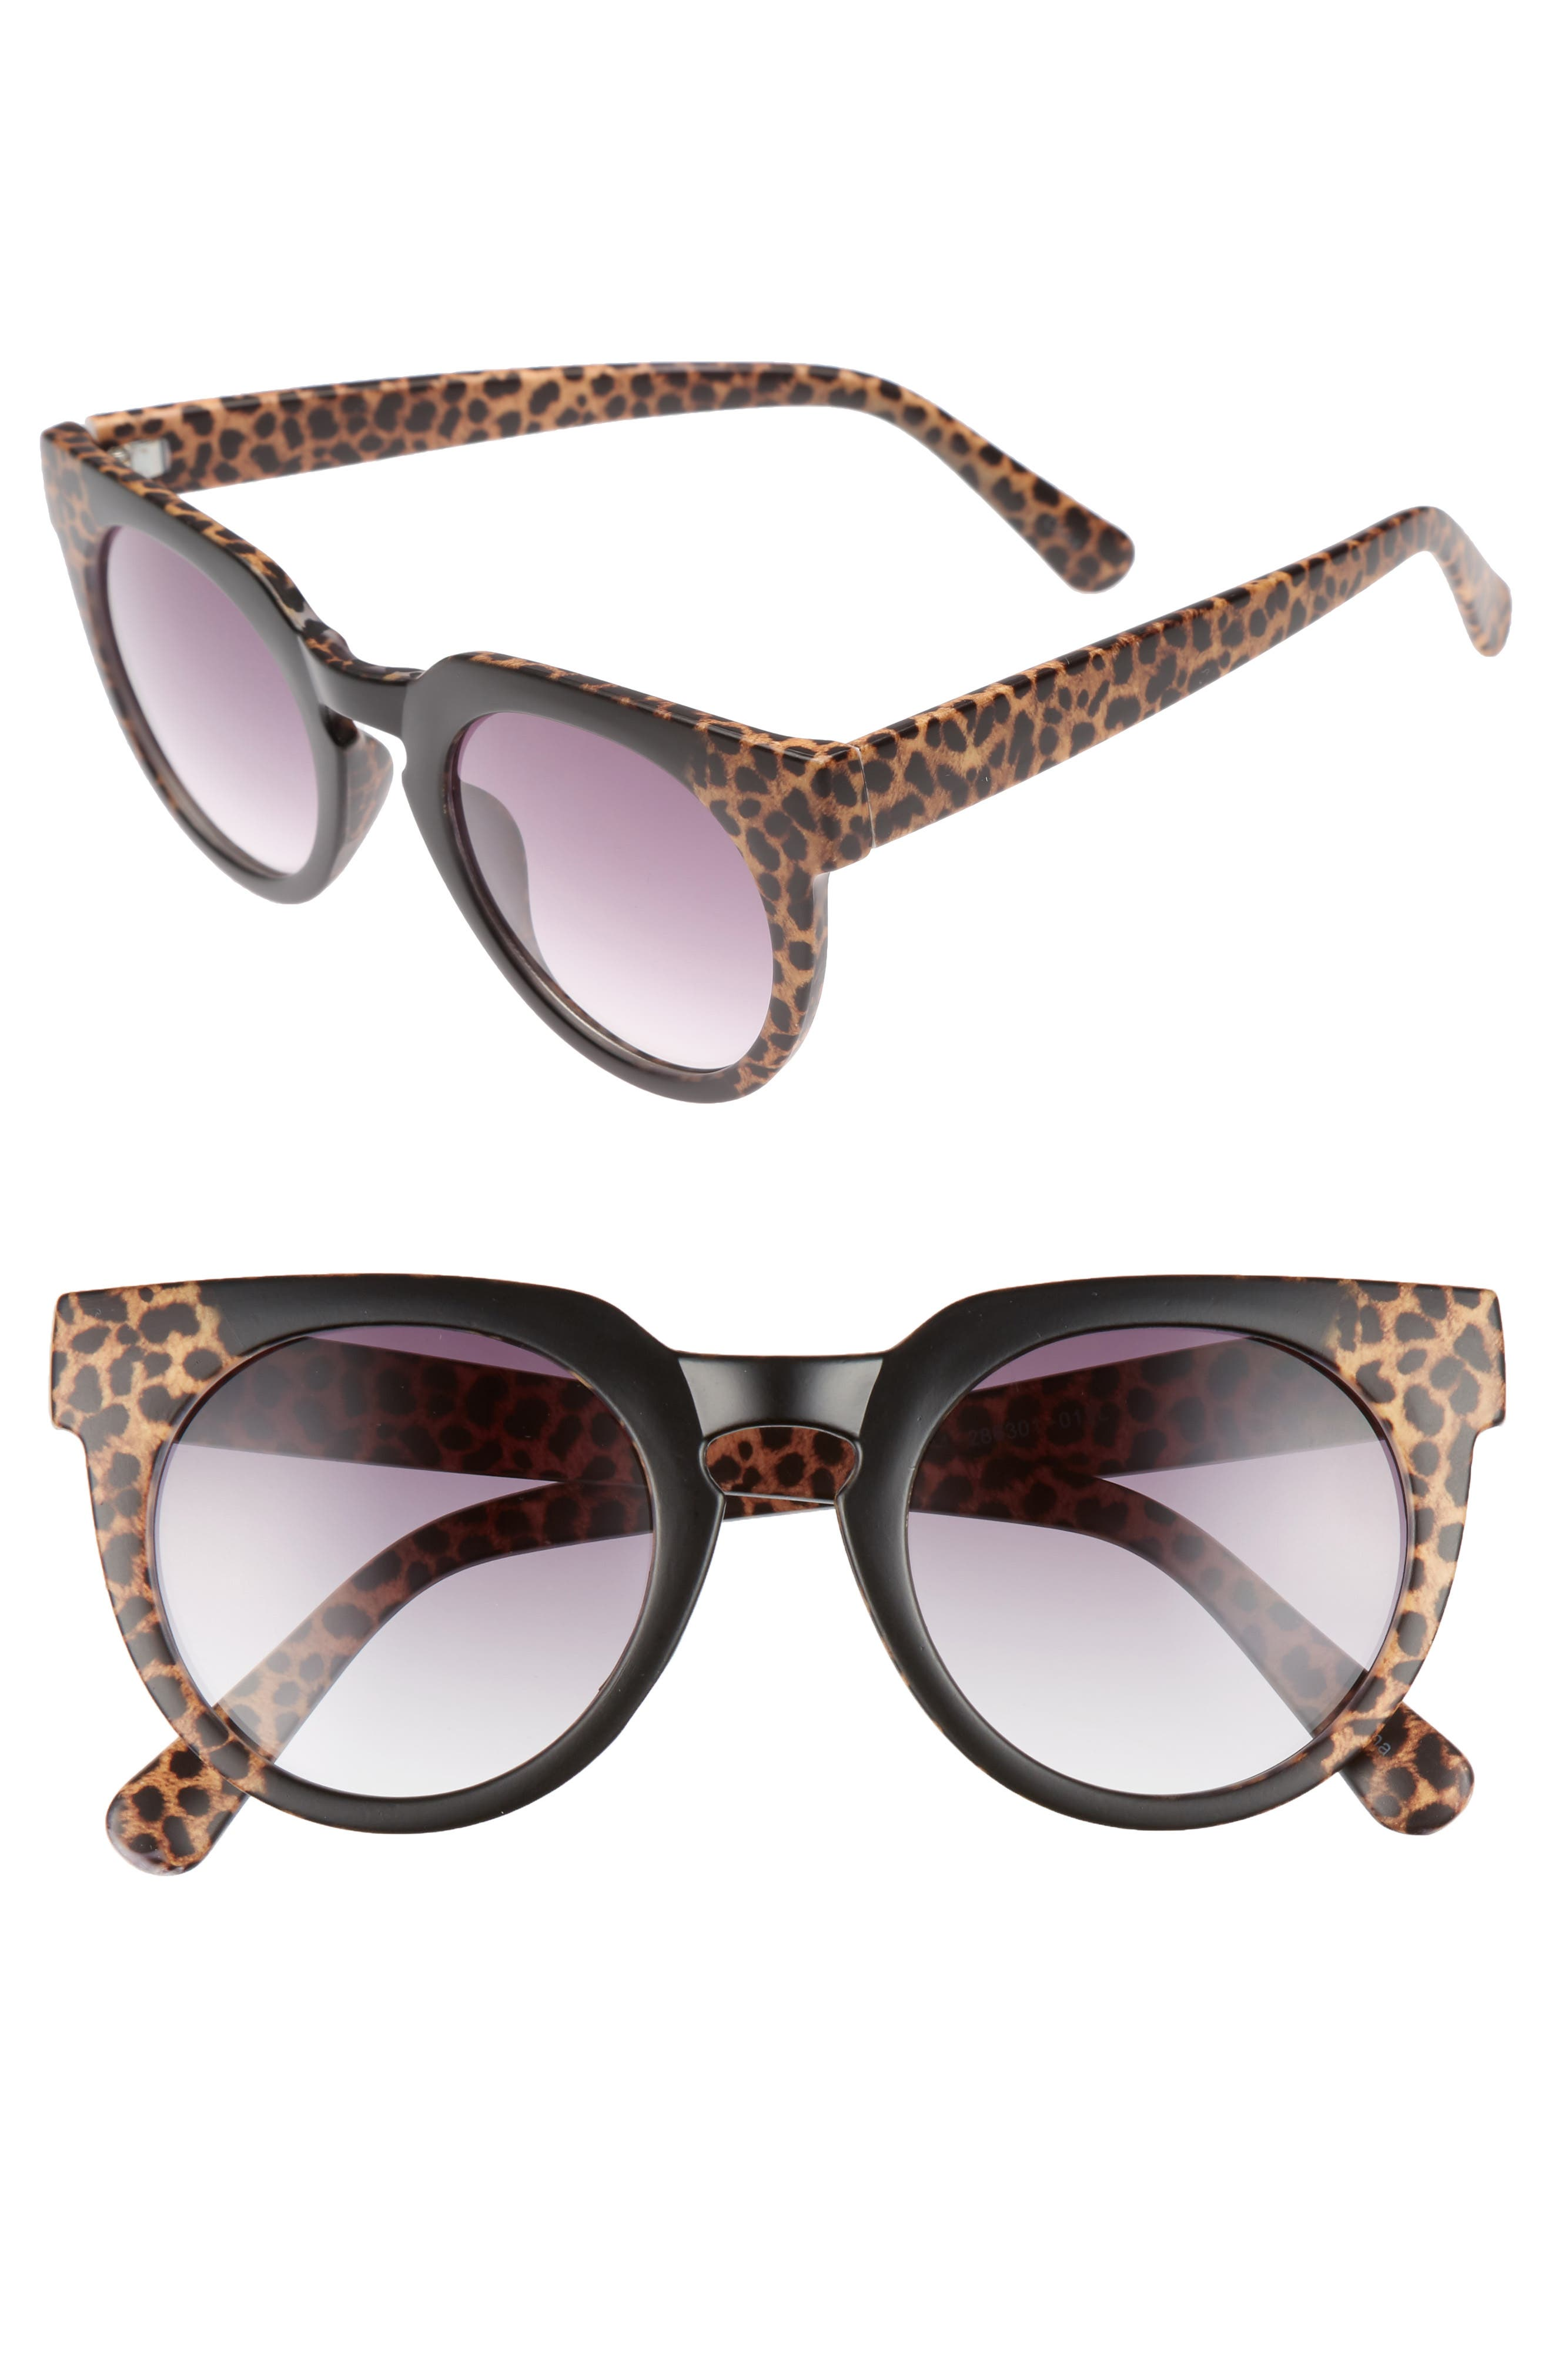 Main Image - BP. 47mm Animal Print Round Sunglasses